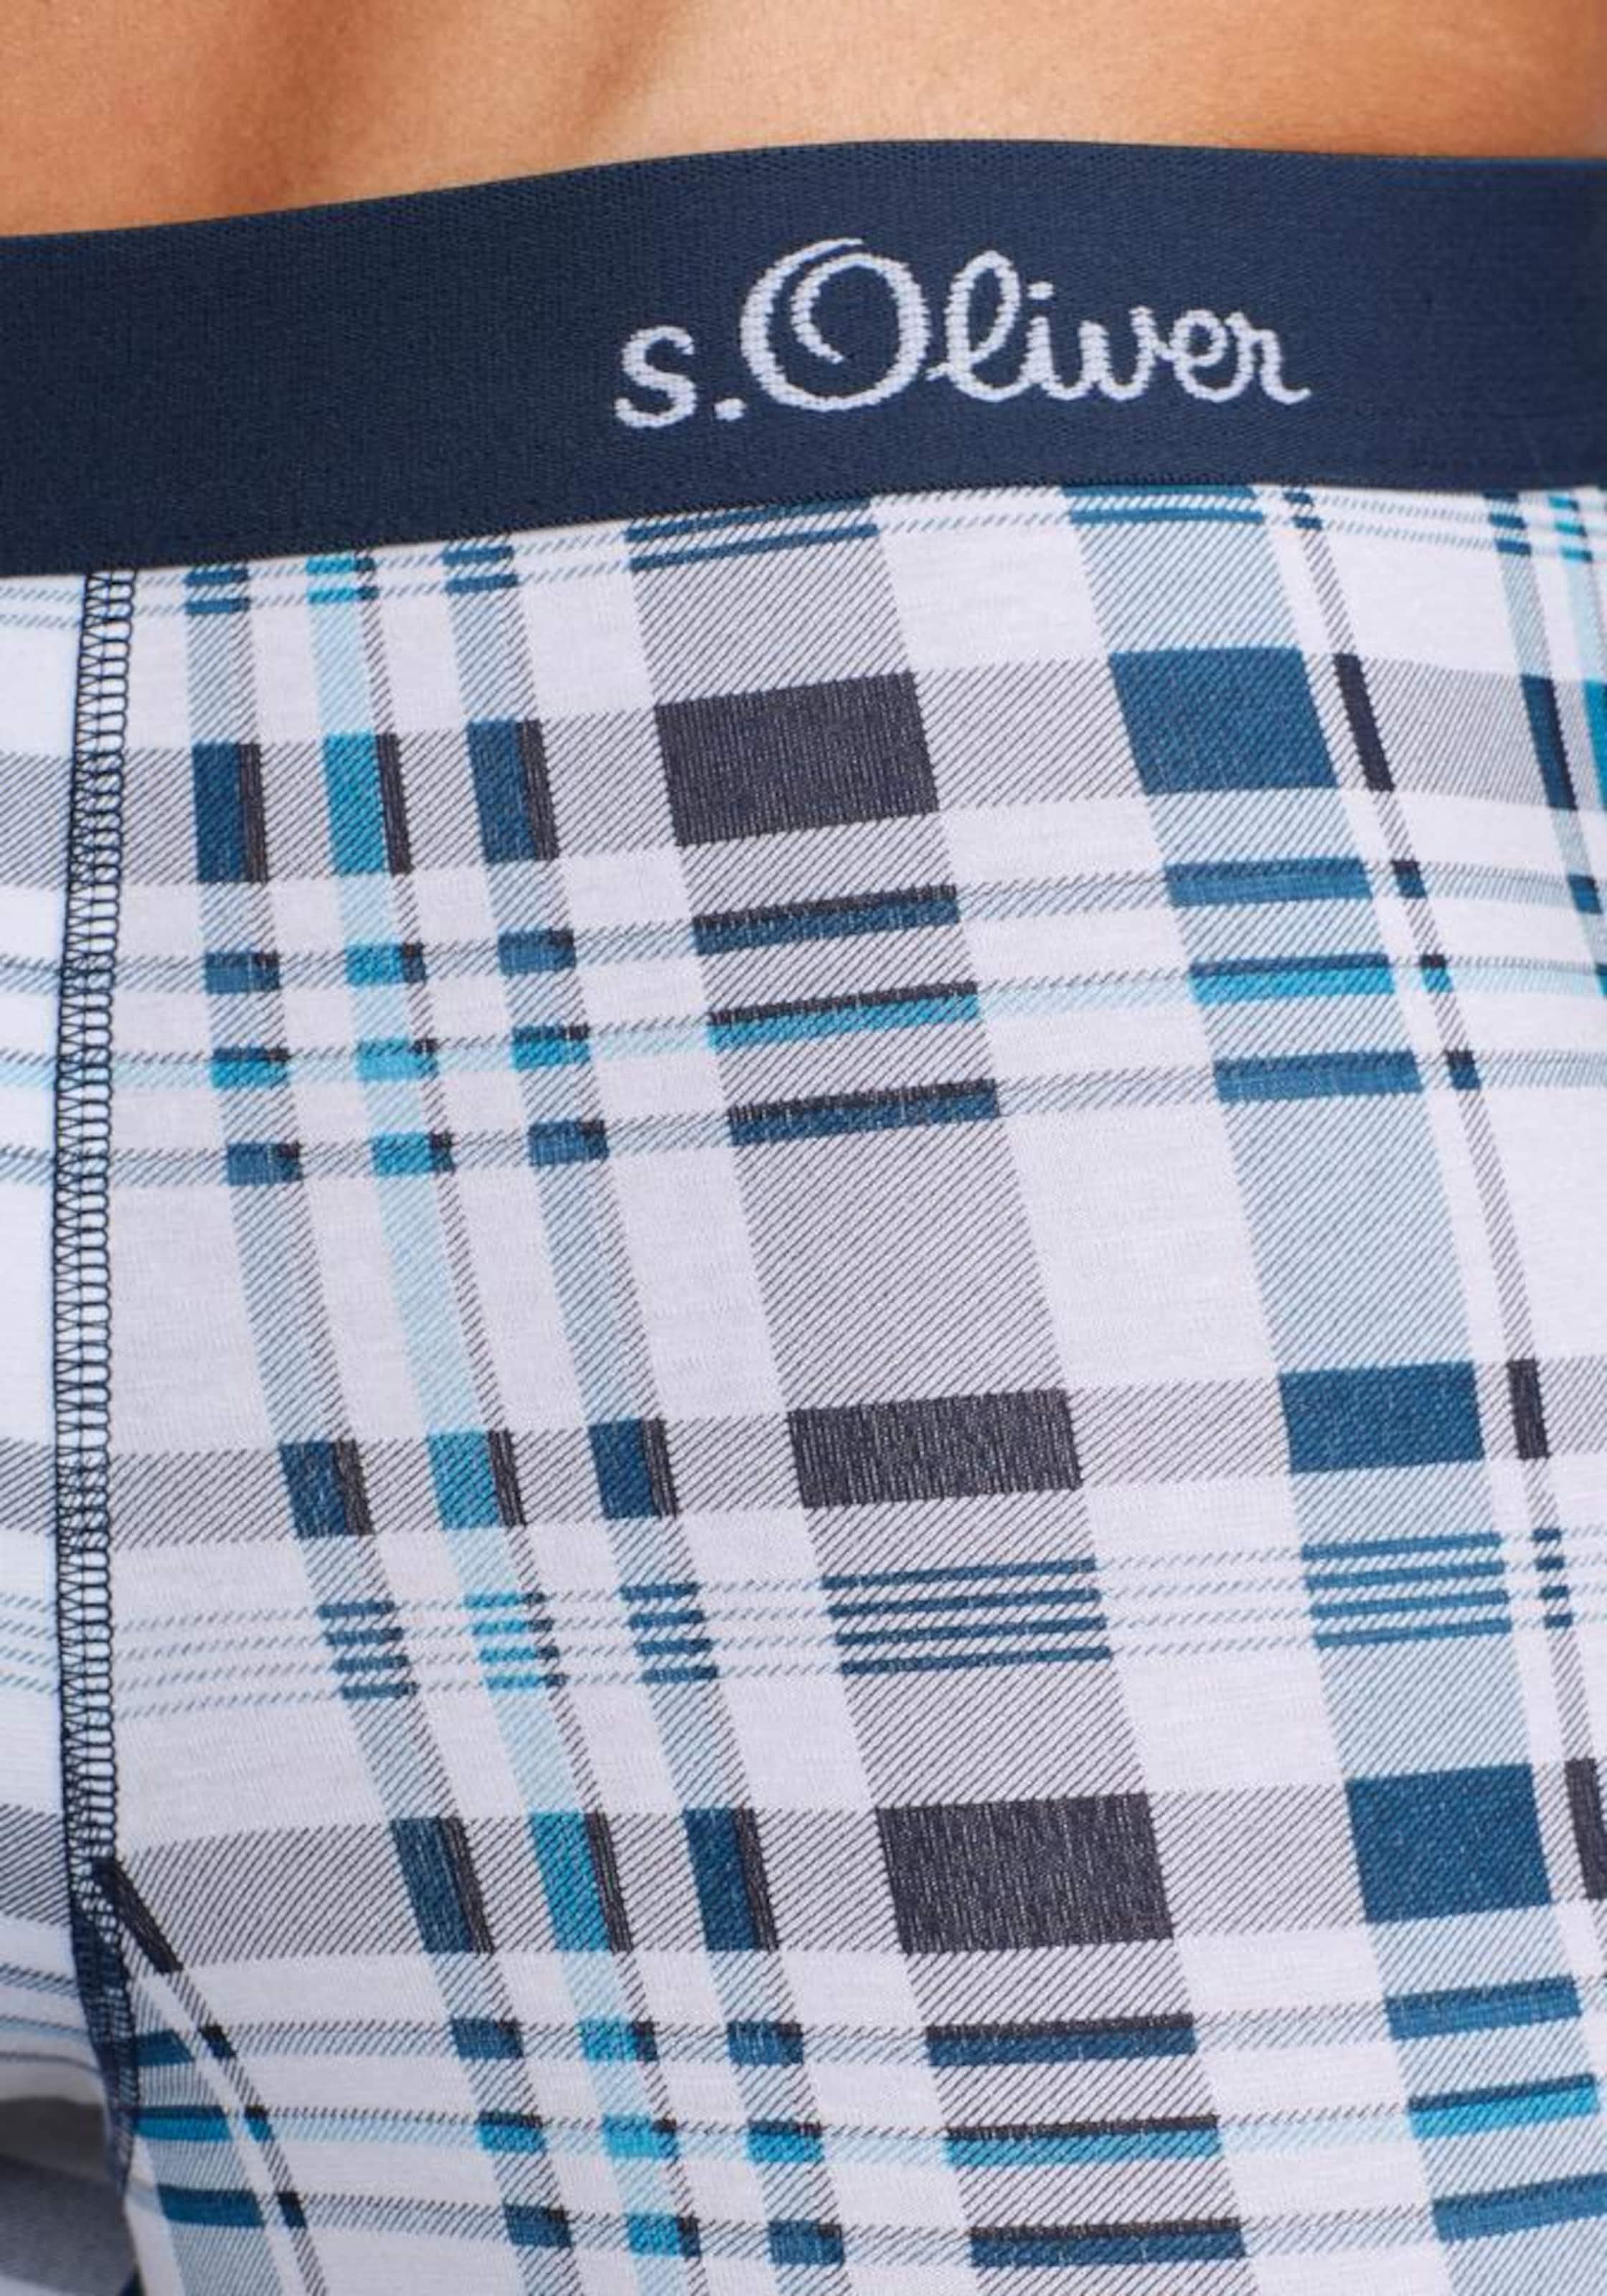 Auslass Klassisch Steckdose Breite Palette Von s.Oliver RED LABEL Bodywear Boxer (3 Stück) Steckdose Neu zRng8exMbq